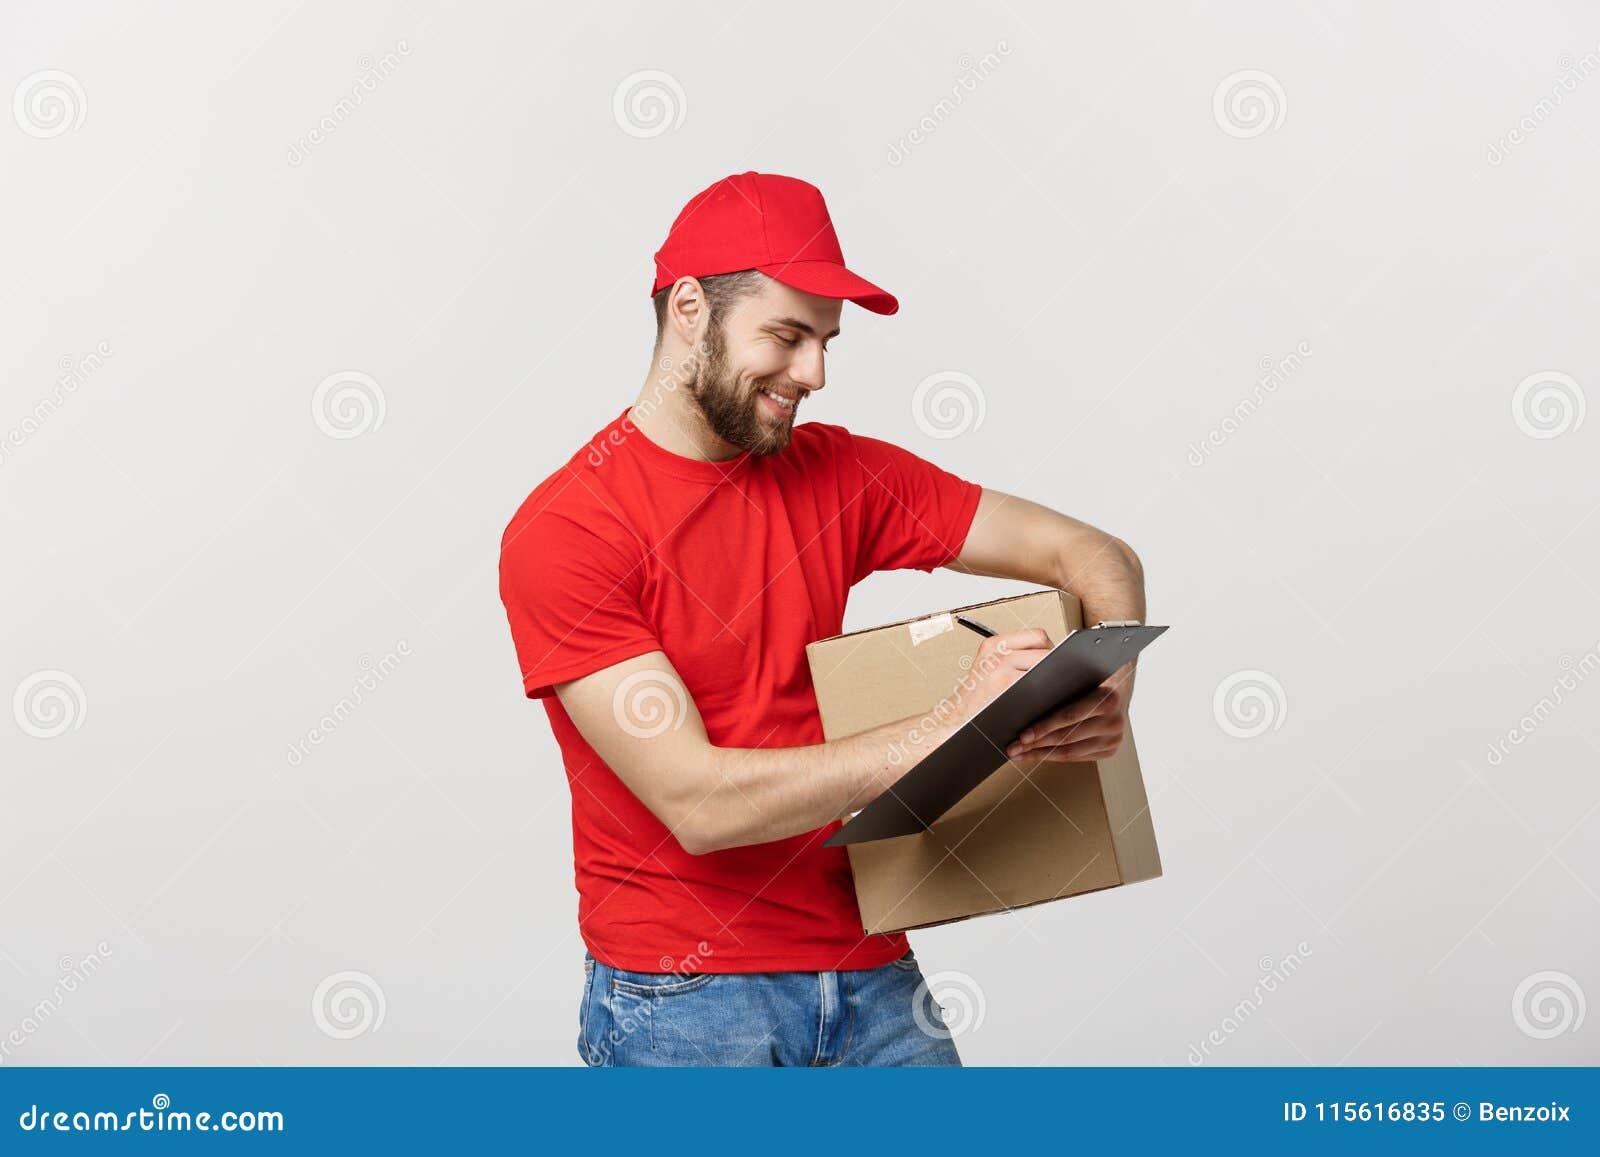 Porträt des lächelnden männlichen Liefererschreibens auf Klemmbrett und Holdingkasten Lokalisiert über weißem Hintergrund